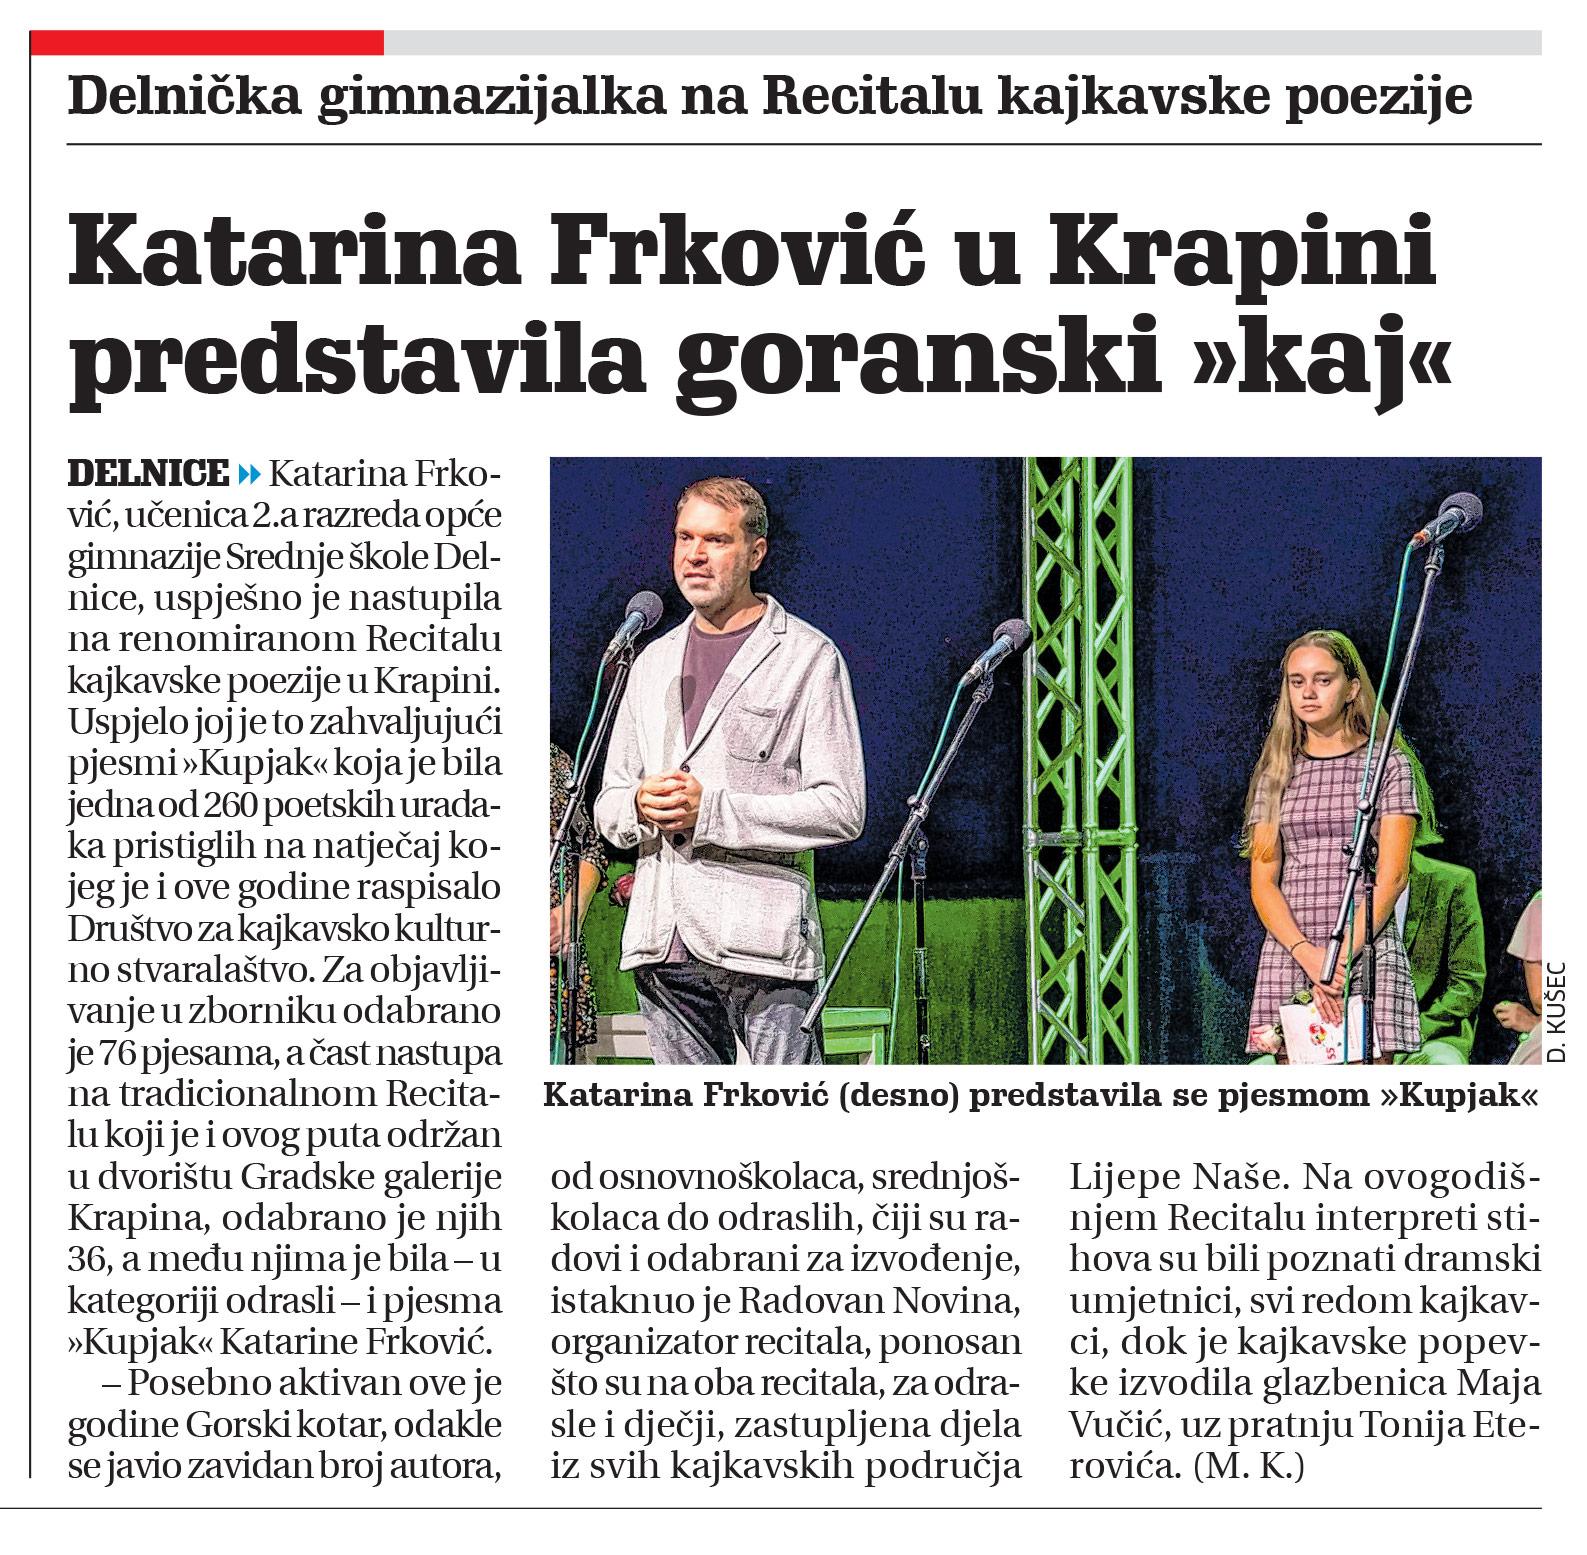 članak novi list, katarina frković